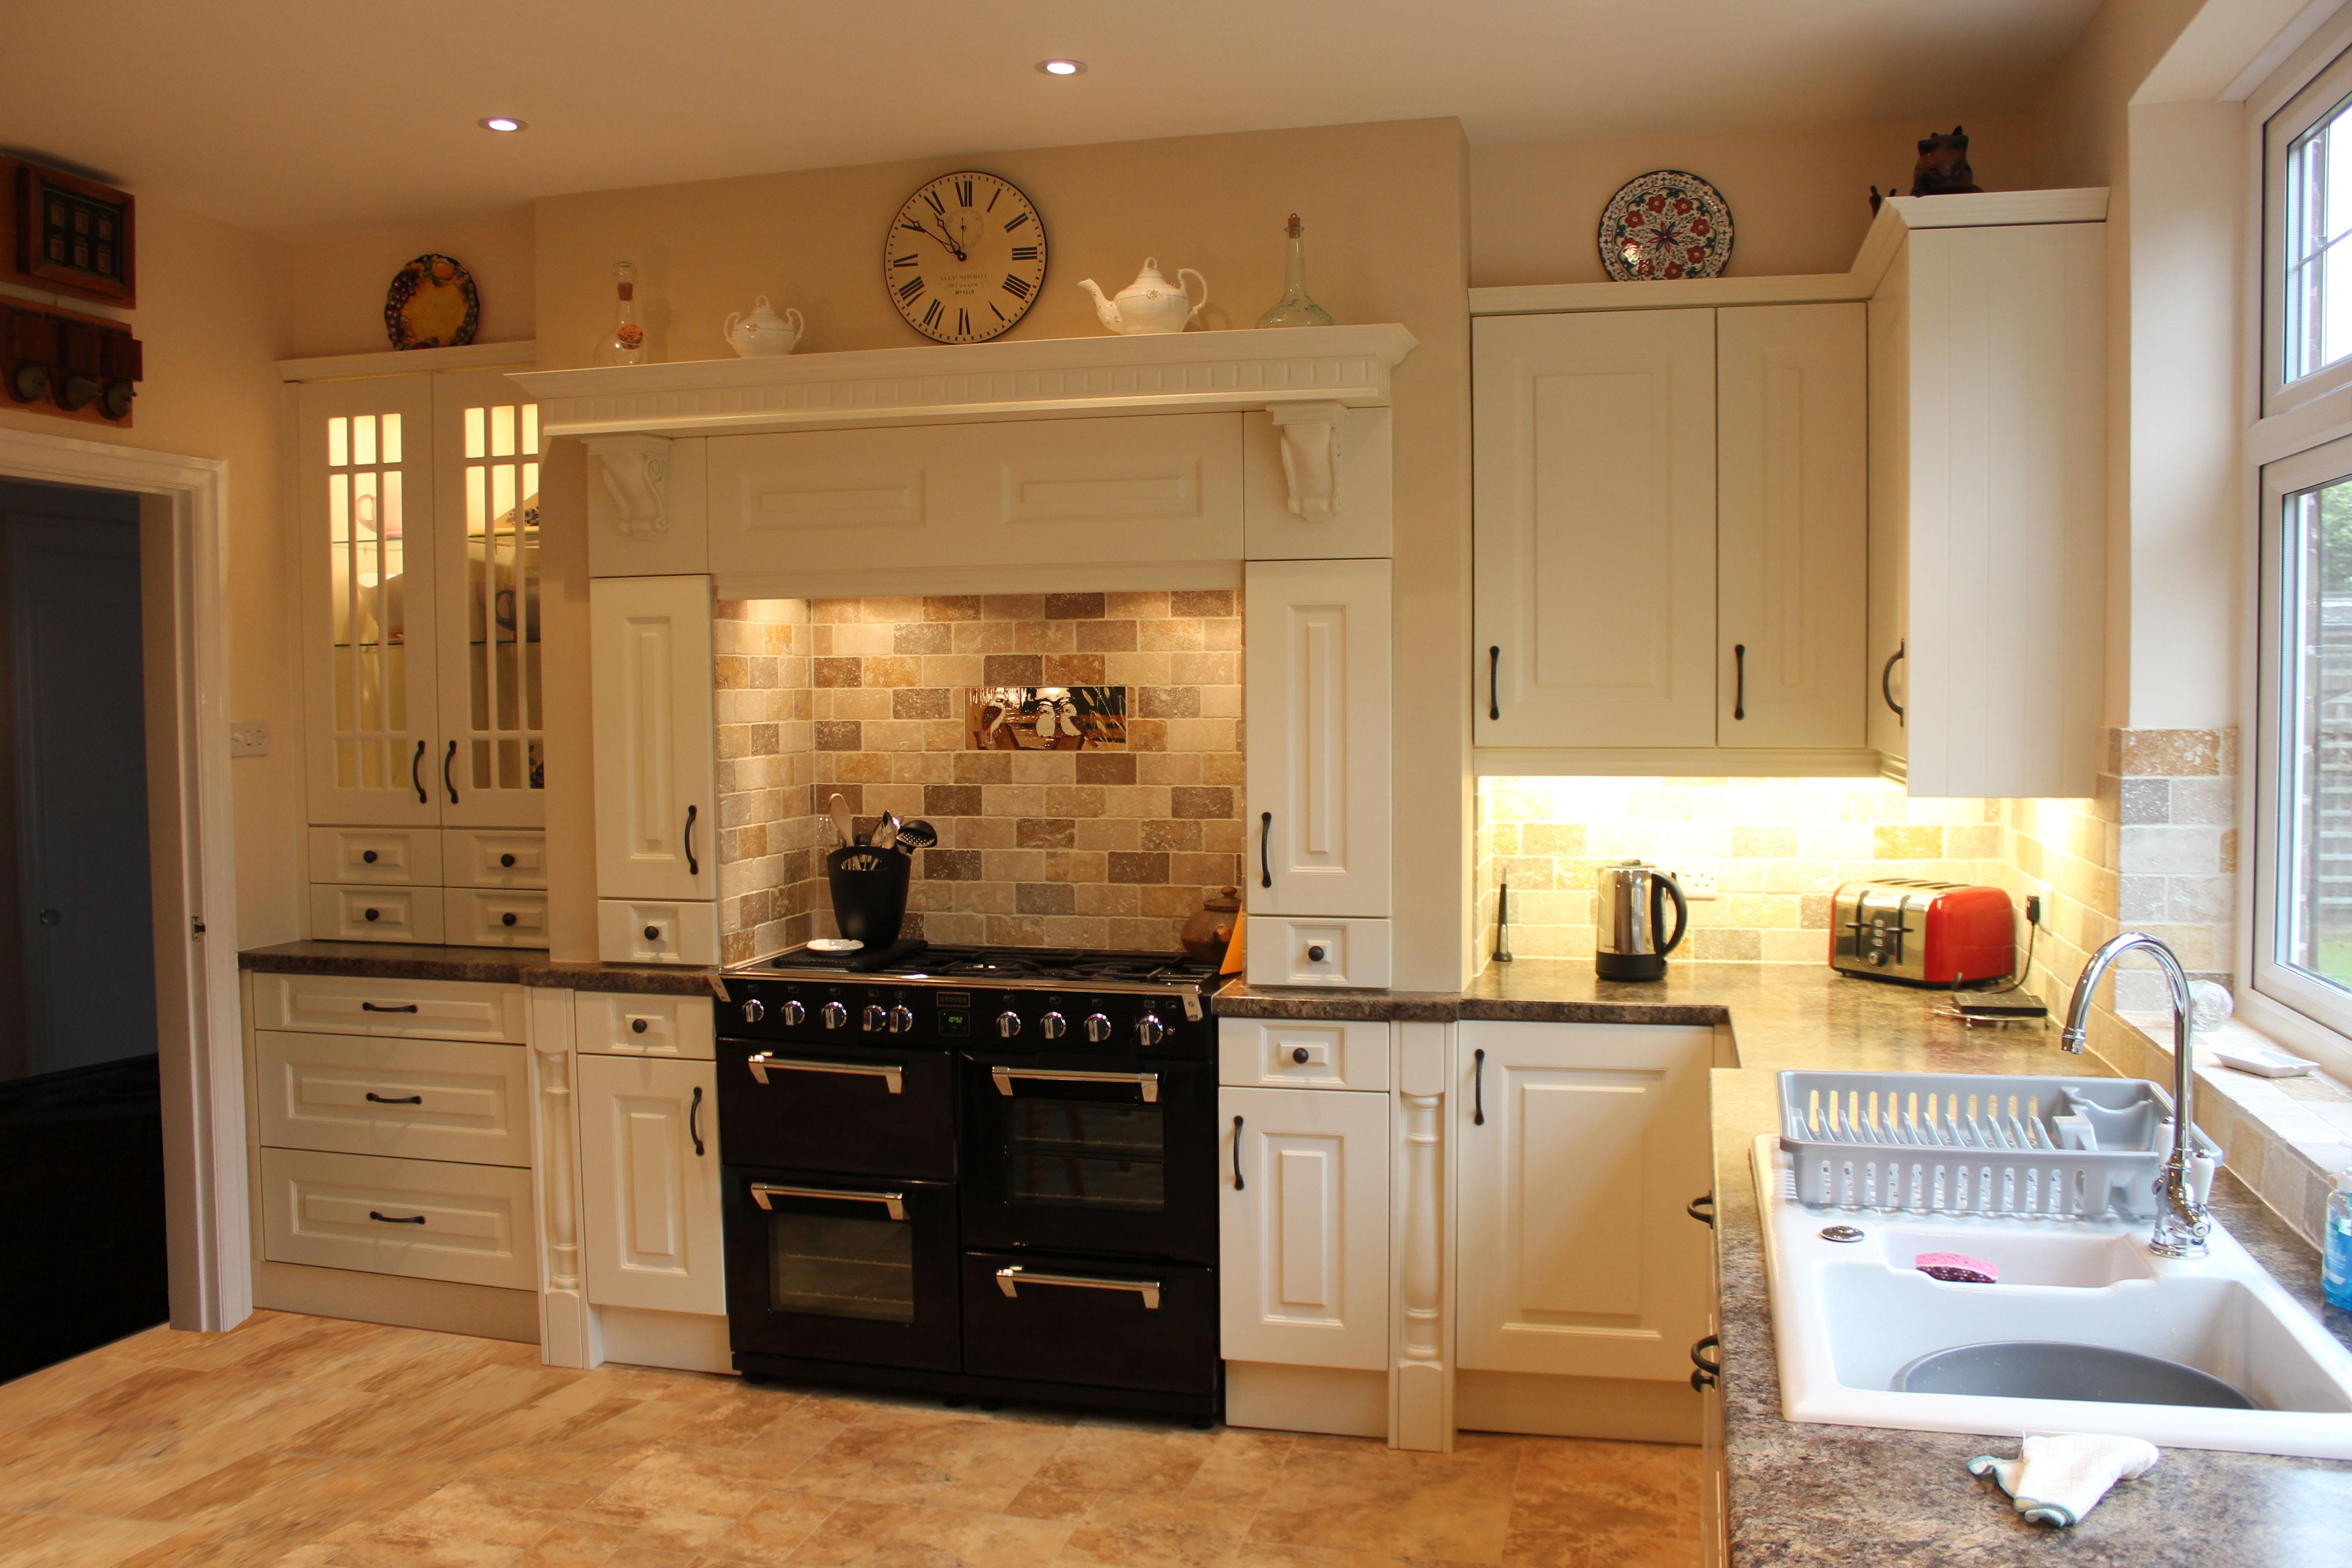 2013 design competion hallmark kitchen designs for 2013 kitchen designs